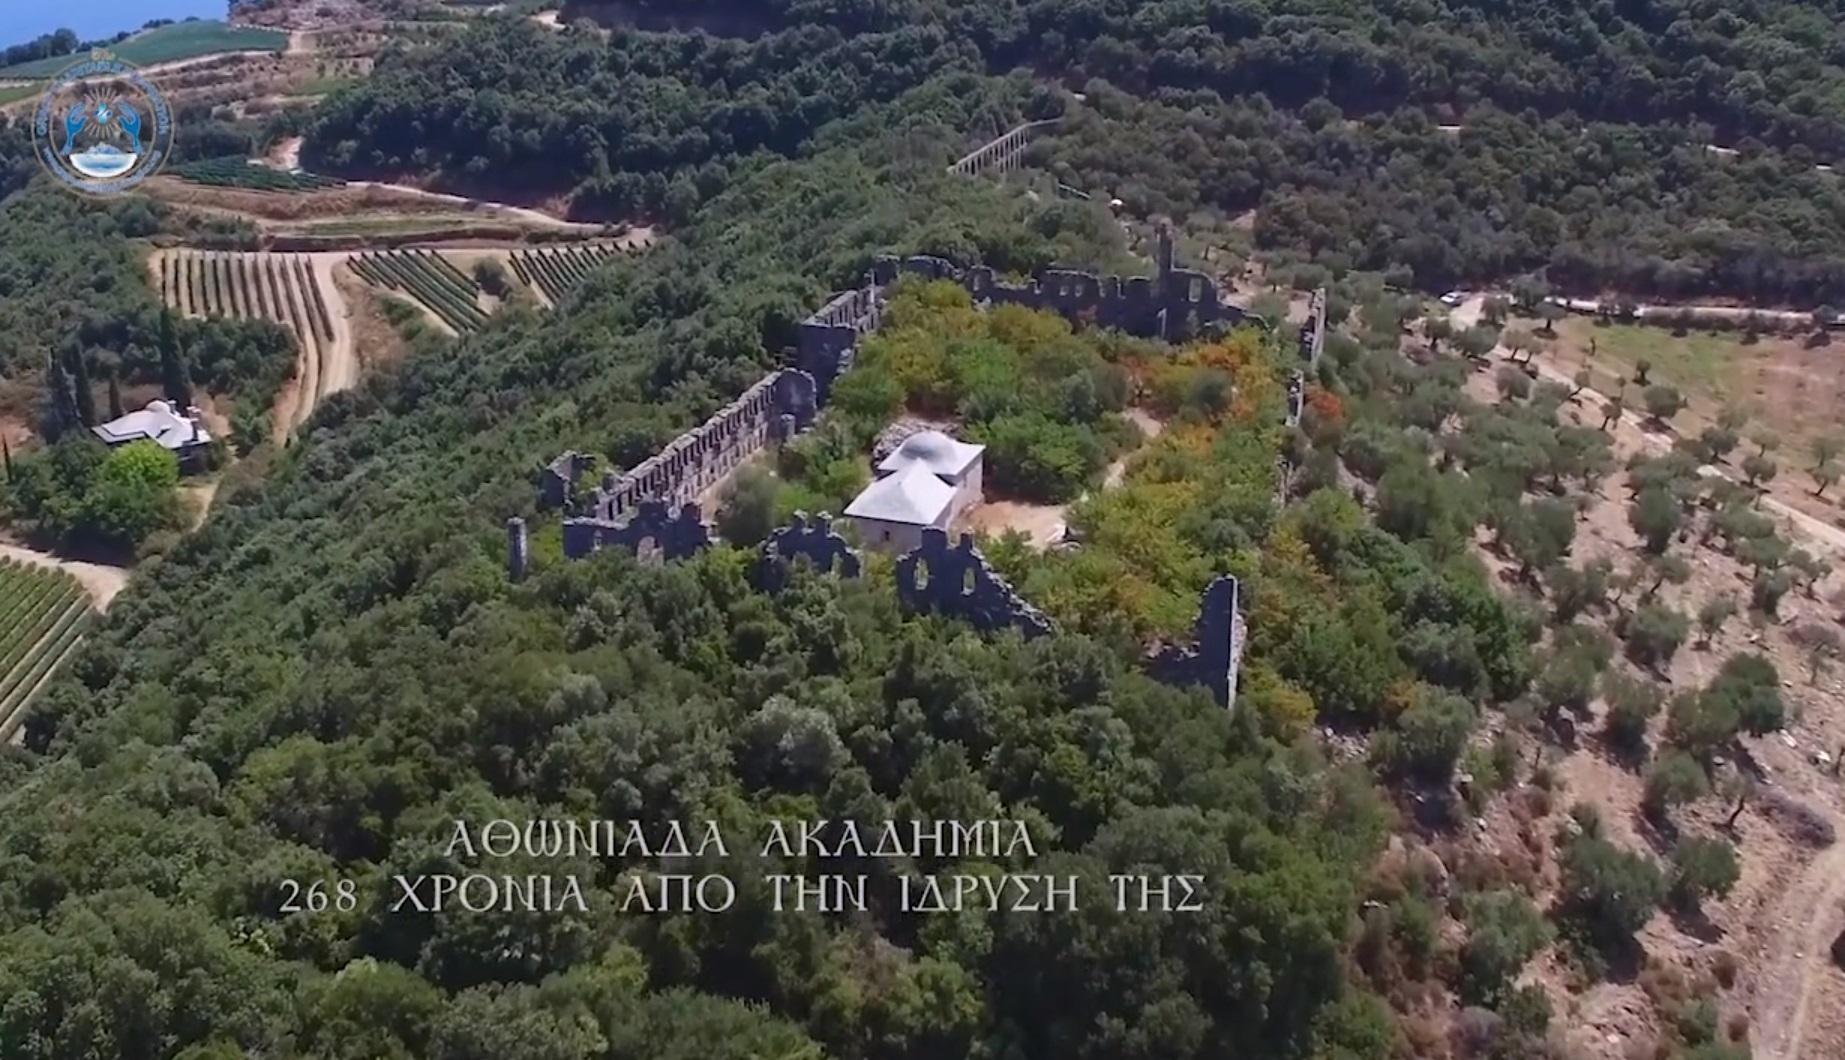 Athoniada Academy